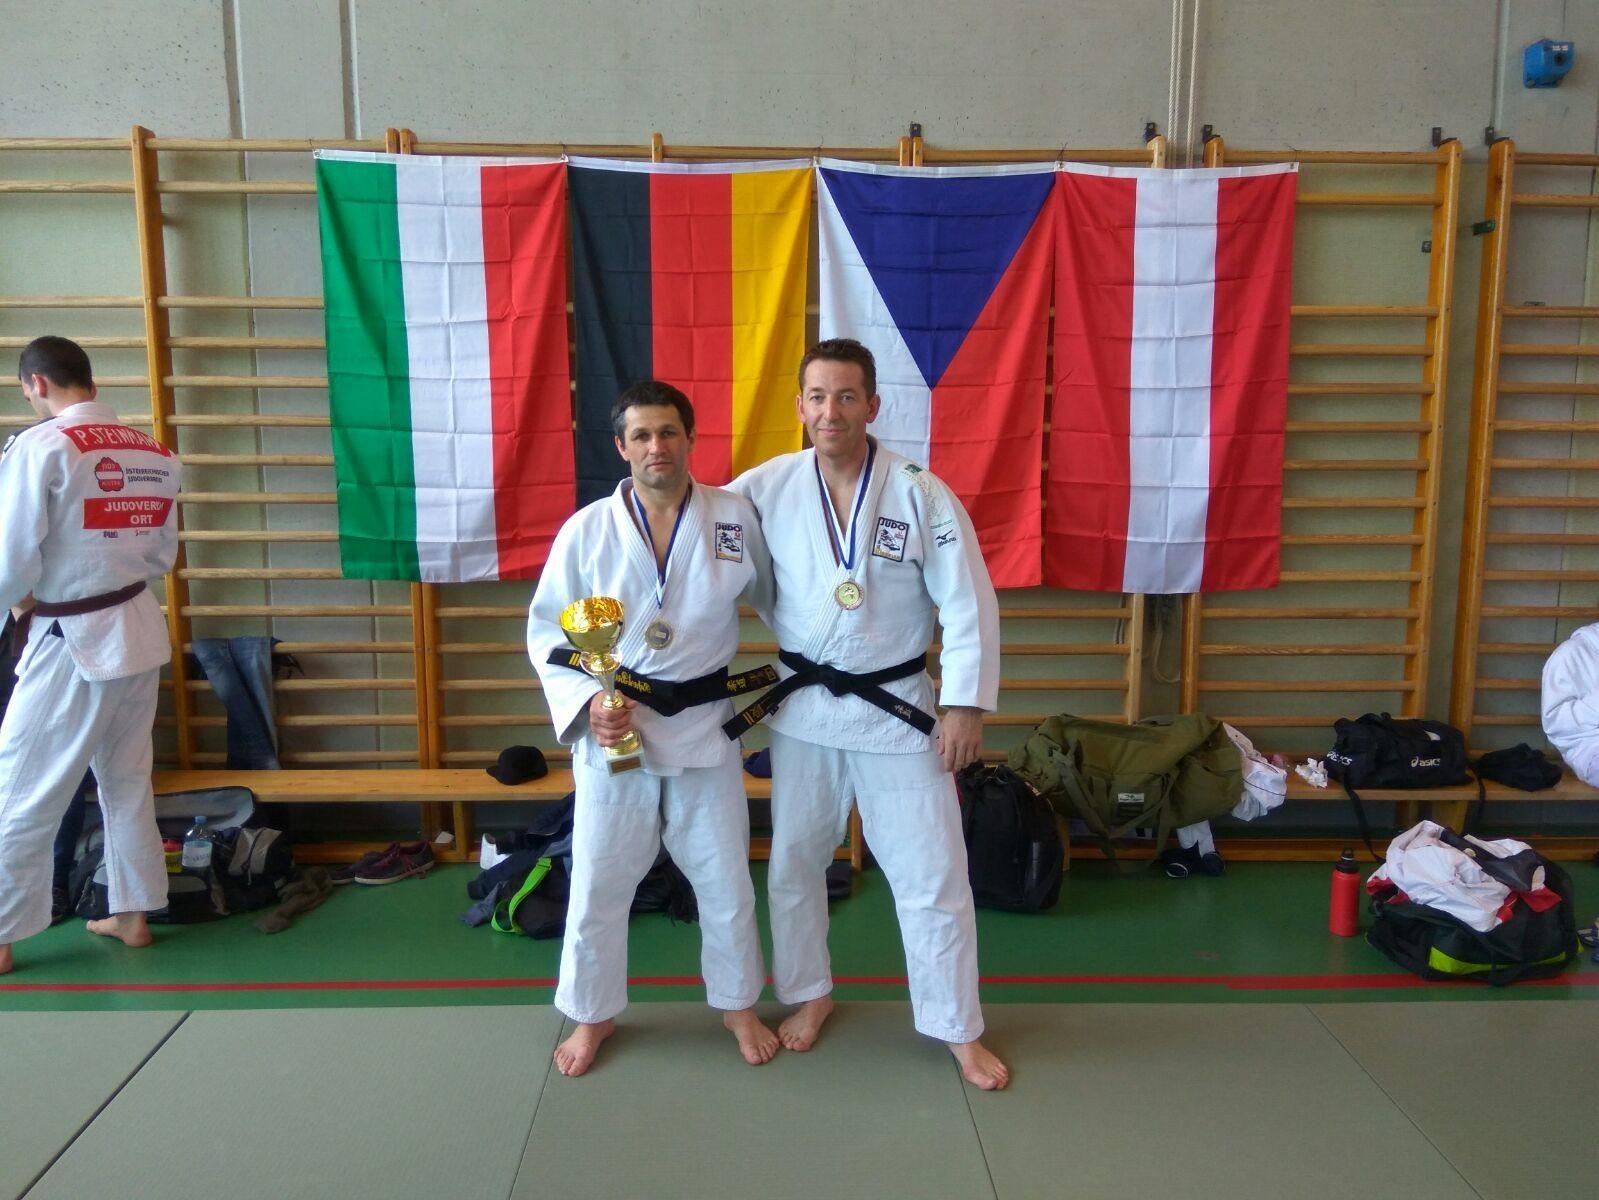 Sieg und ein dritter  Platz beim int. Gallia Judoturnier